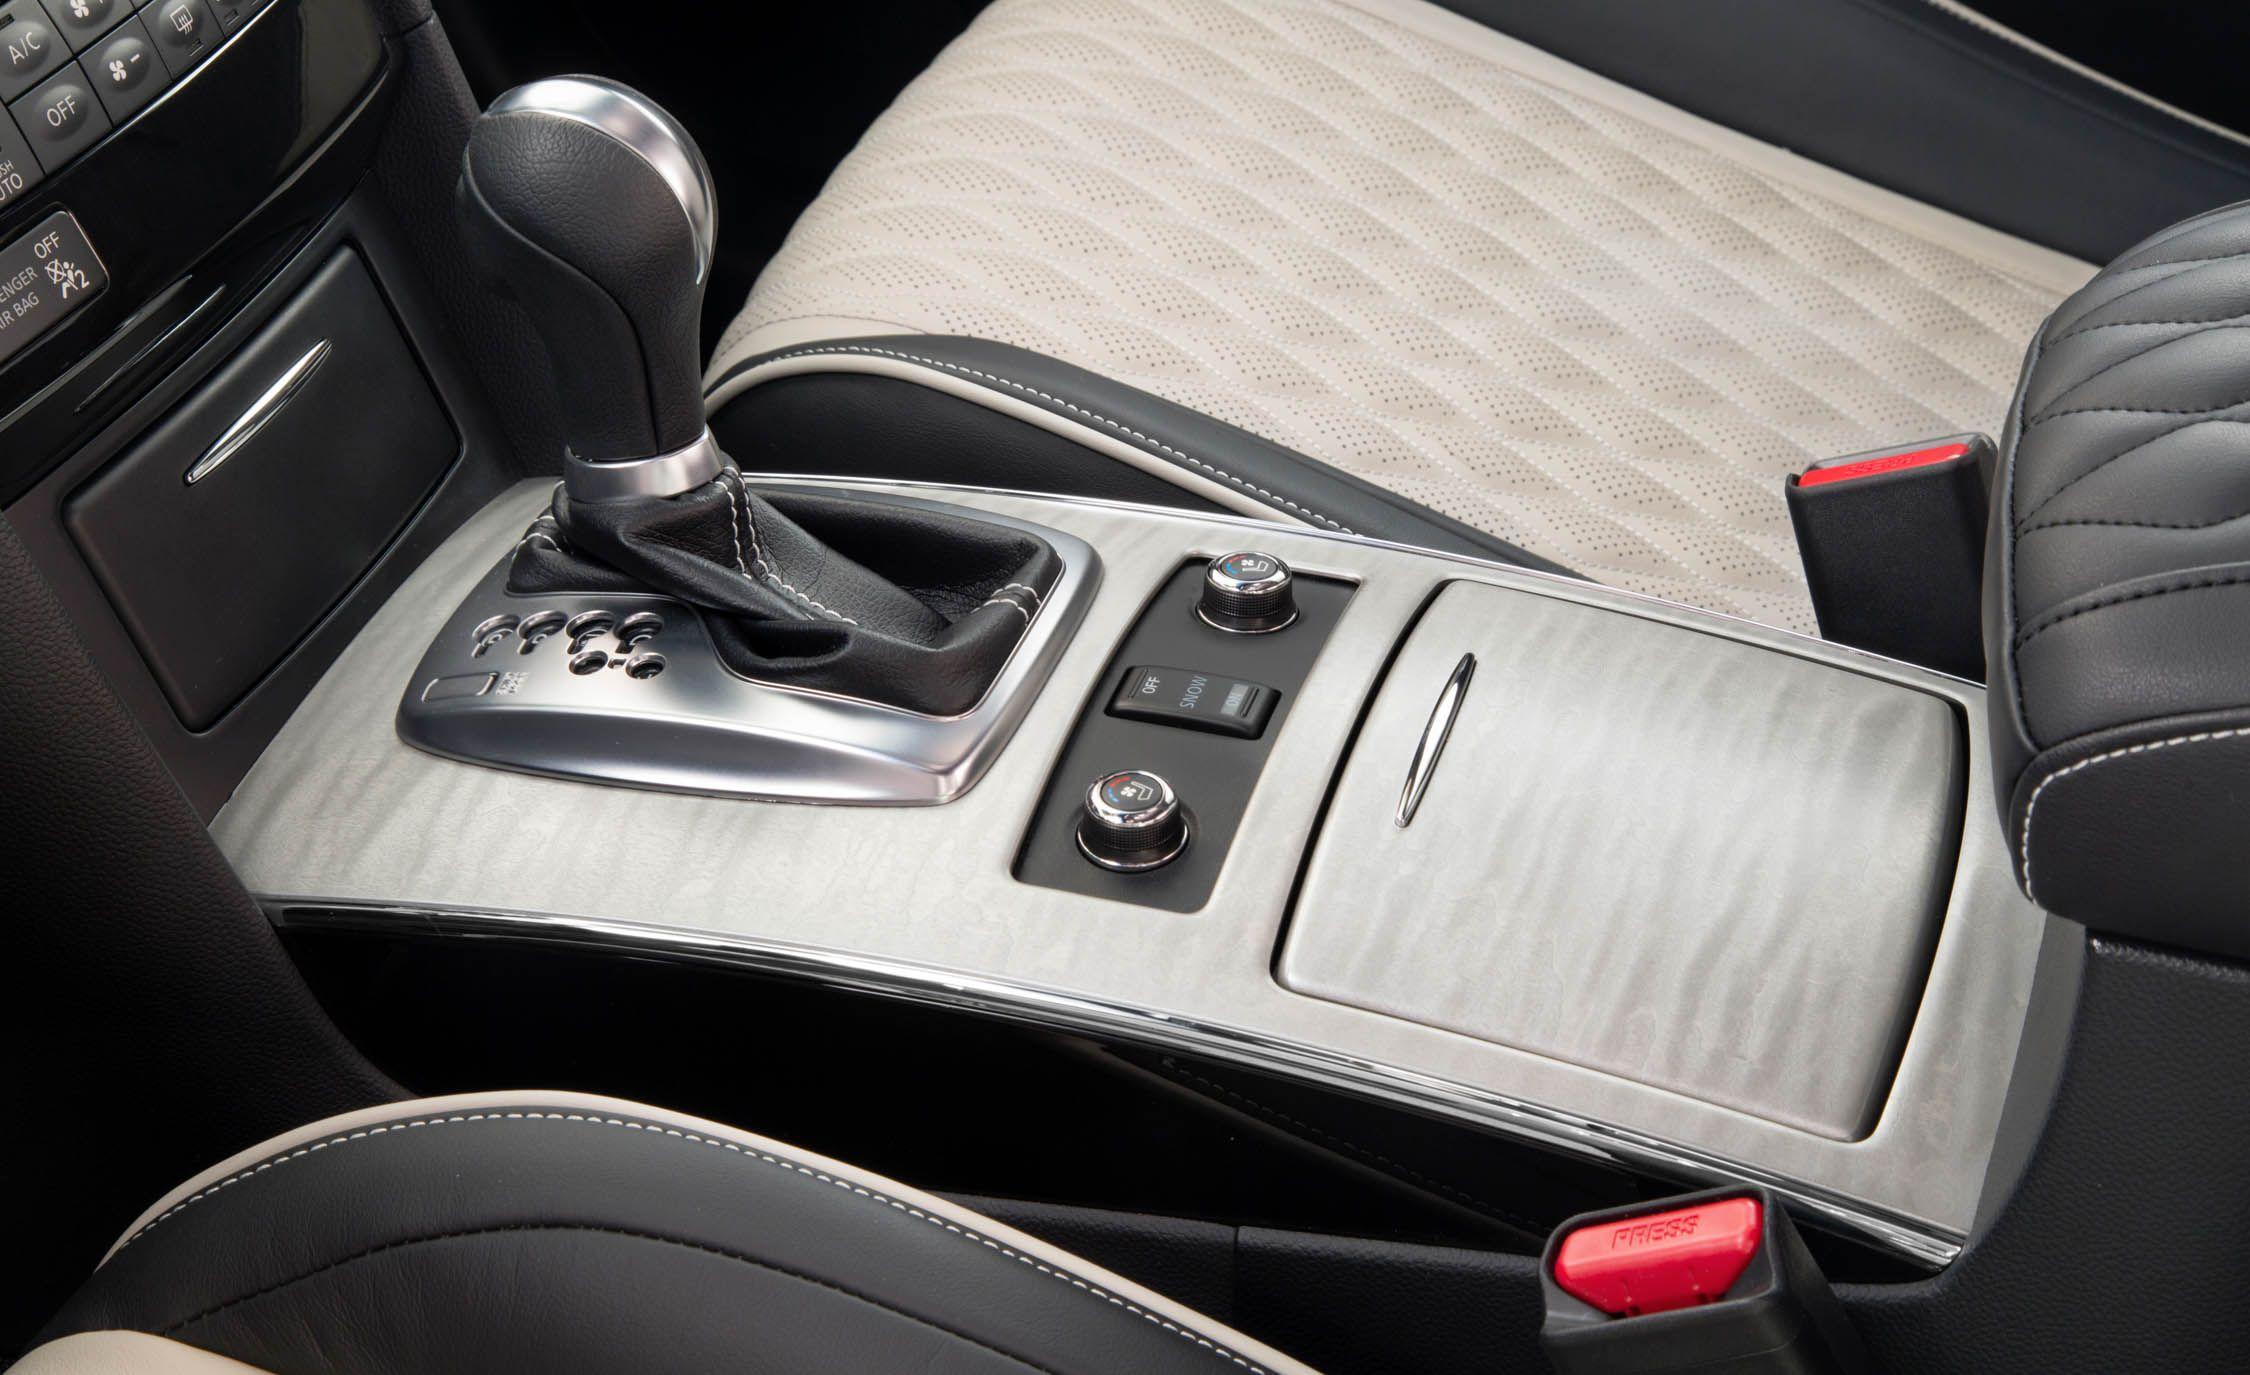 2017 Infiniti Qx70 Limited It S And Stuff News Car Driver